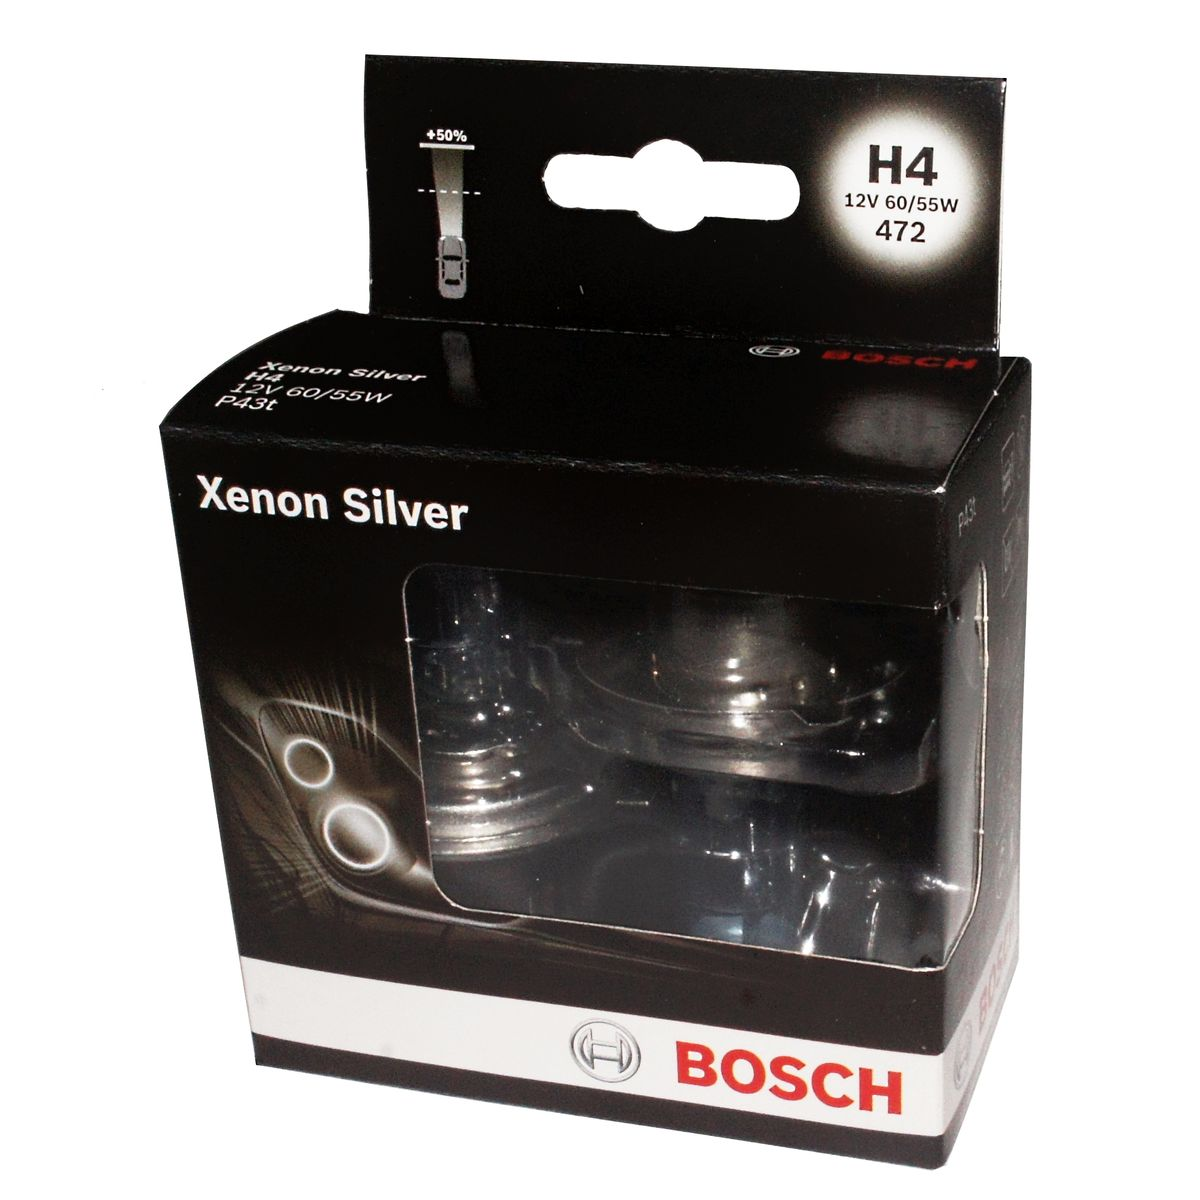 Лампа Bosch H7 Xenon Silver 2шт. 198730108710503Новые лампы Bosch для галогенных фар освещают дорогу интенсивным белым светом, который очень близок по свойствам к дневному освещению.Благодаря этому глаза водителя не теряют фокусировки и меньше устают даже во время долгих поездок в темное время суток. Новые лампы отличаются высокой яркостью и могут давать до 50% больше света, чем стандартные галогенные фары. Лампы Bosch доступны в вариантах H1, H4 и H7. Серебряное покрытие ламп H4 и H7 делает их едва заметными за стеклами выключенных фар. Новые лампы выглядят наиболее эффектно в сочетании с фарами из прозрачного стекла и подчеркивают современный дизайн автомобилей. Увеличенная яркость и дальность освещения положительно сказывается на безопасности движения. В темное время суток или в сложных погодных условиях, таких как ливень или густой туман, водитель замечает опасную ситуацию намного раньше и на большем расстоянии, при этом лучше заметен и сам автомобиль с фарами Bosch. Напряжение: 12 вольт